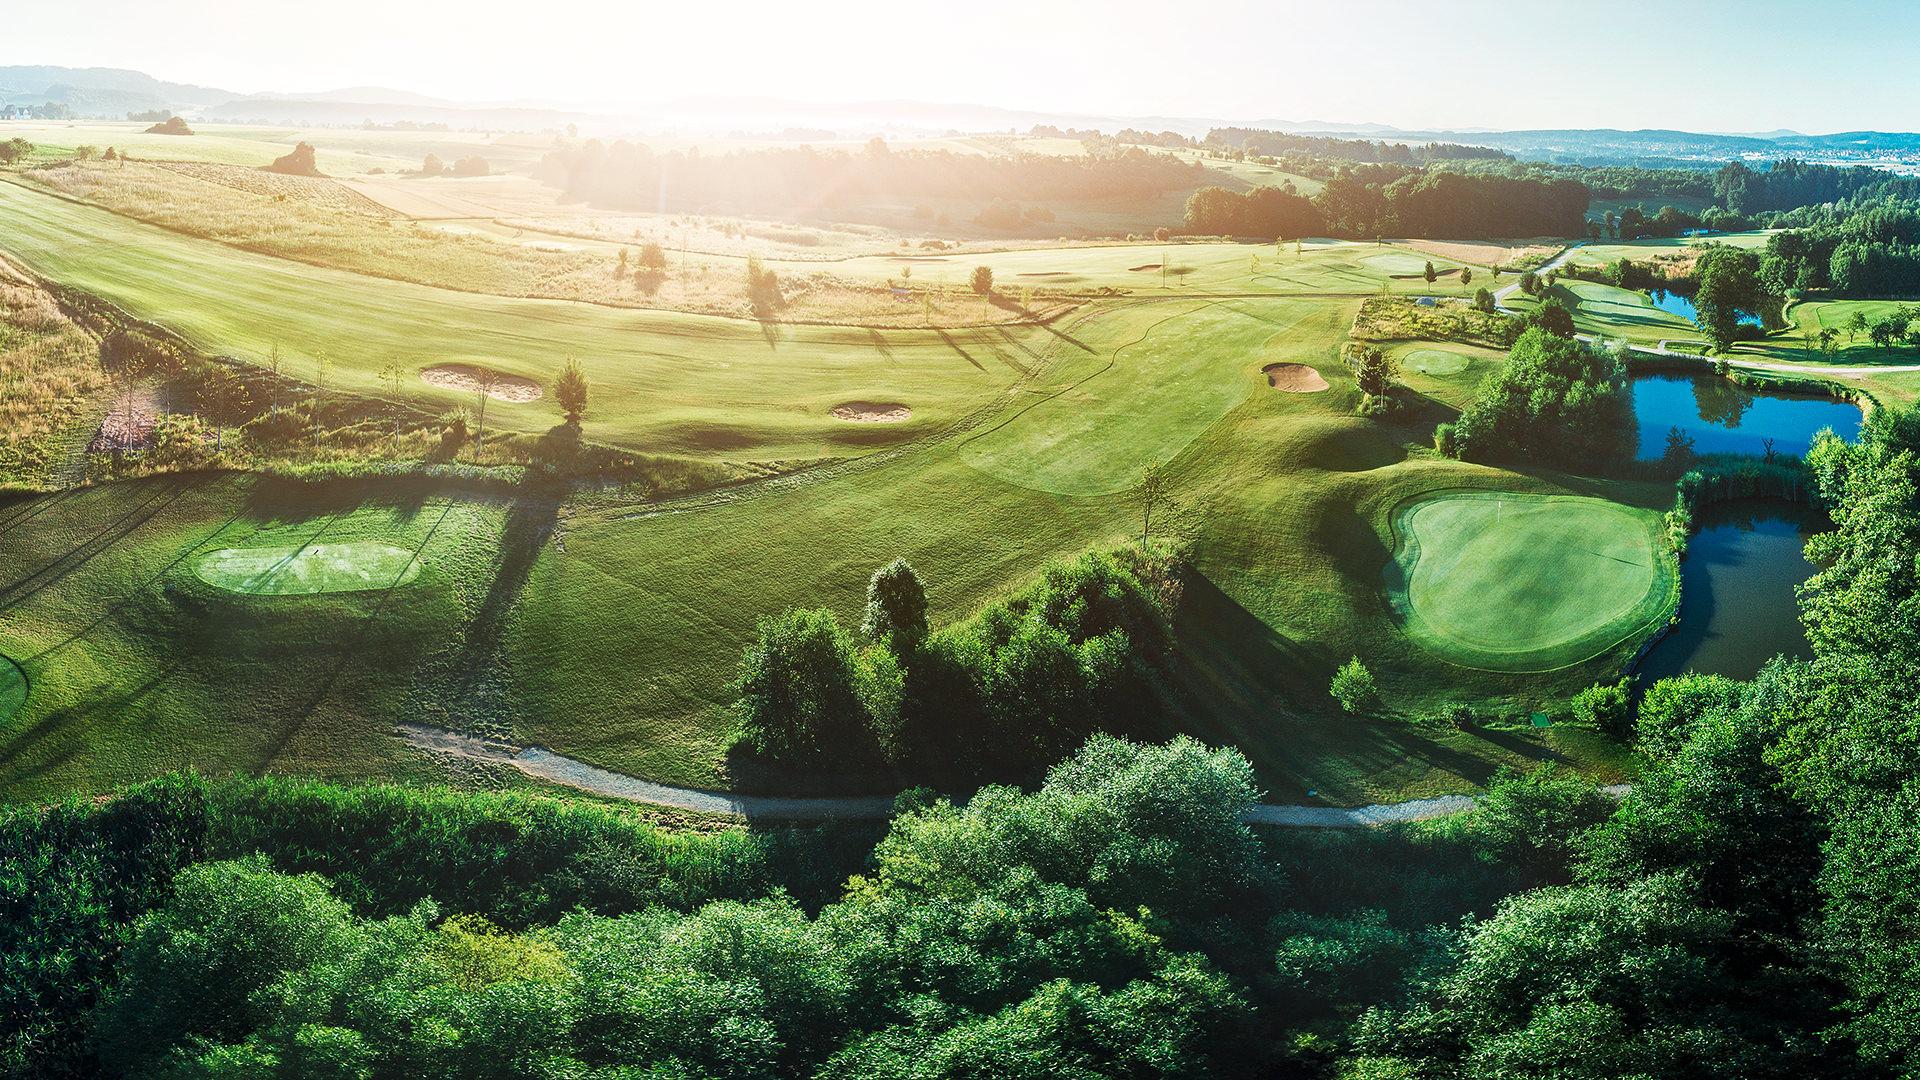 temp_Golfplatz_Erlangen_Pano_3